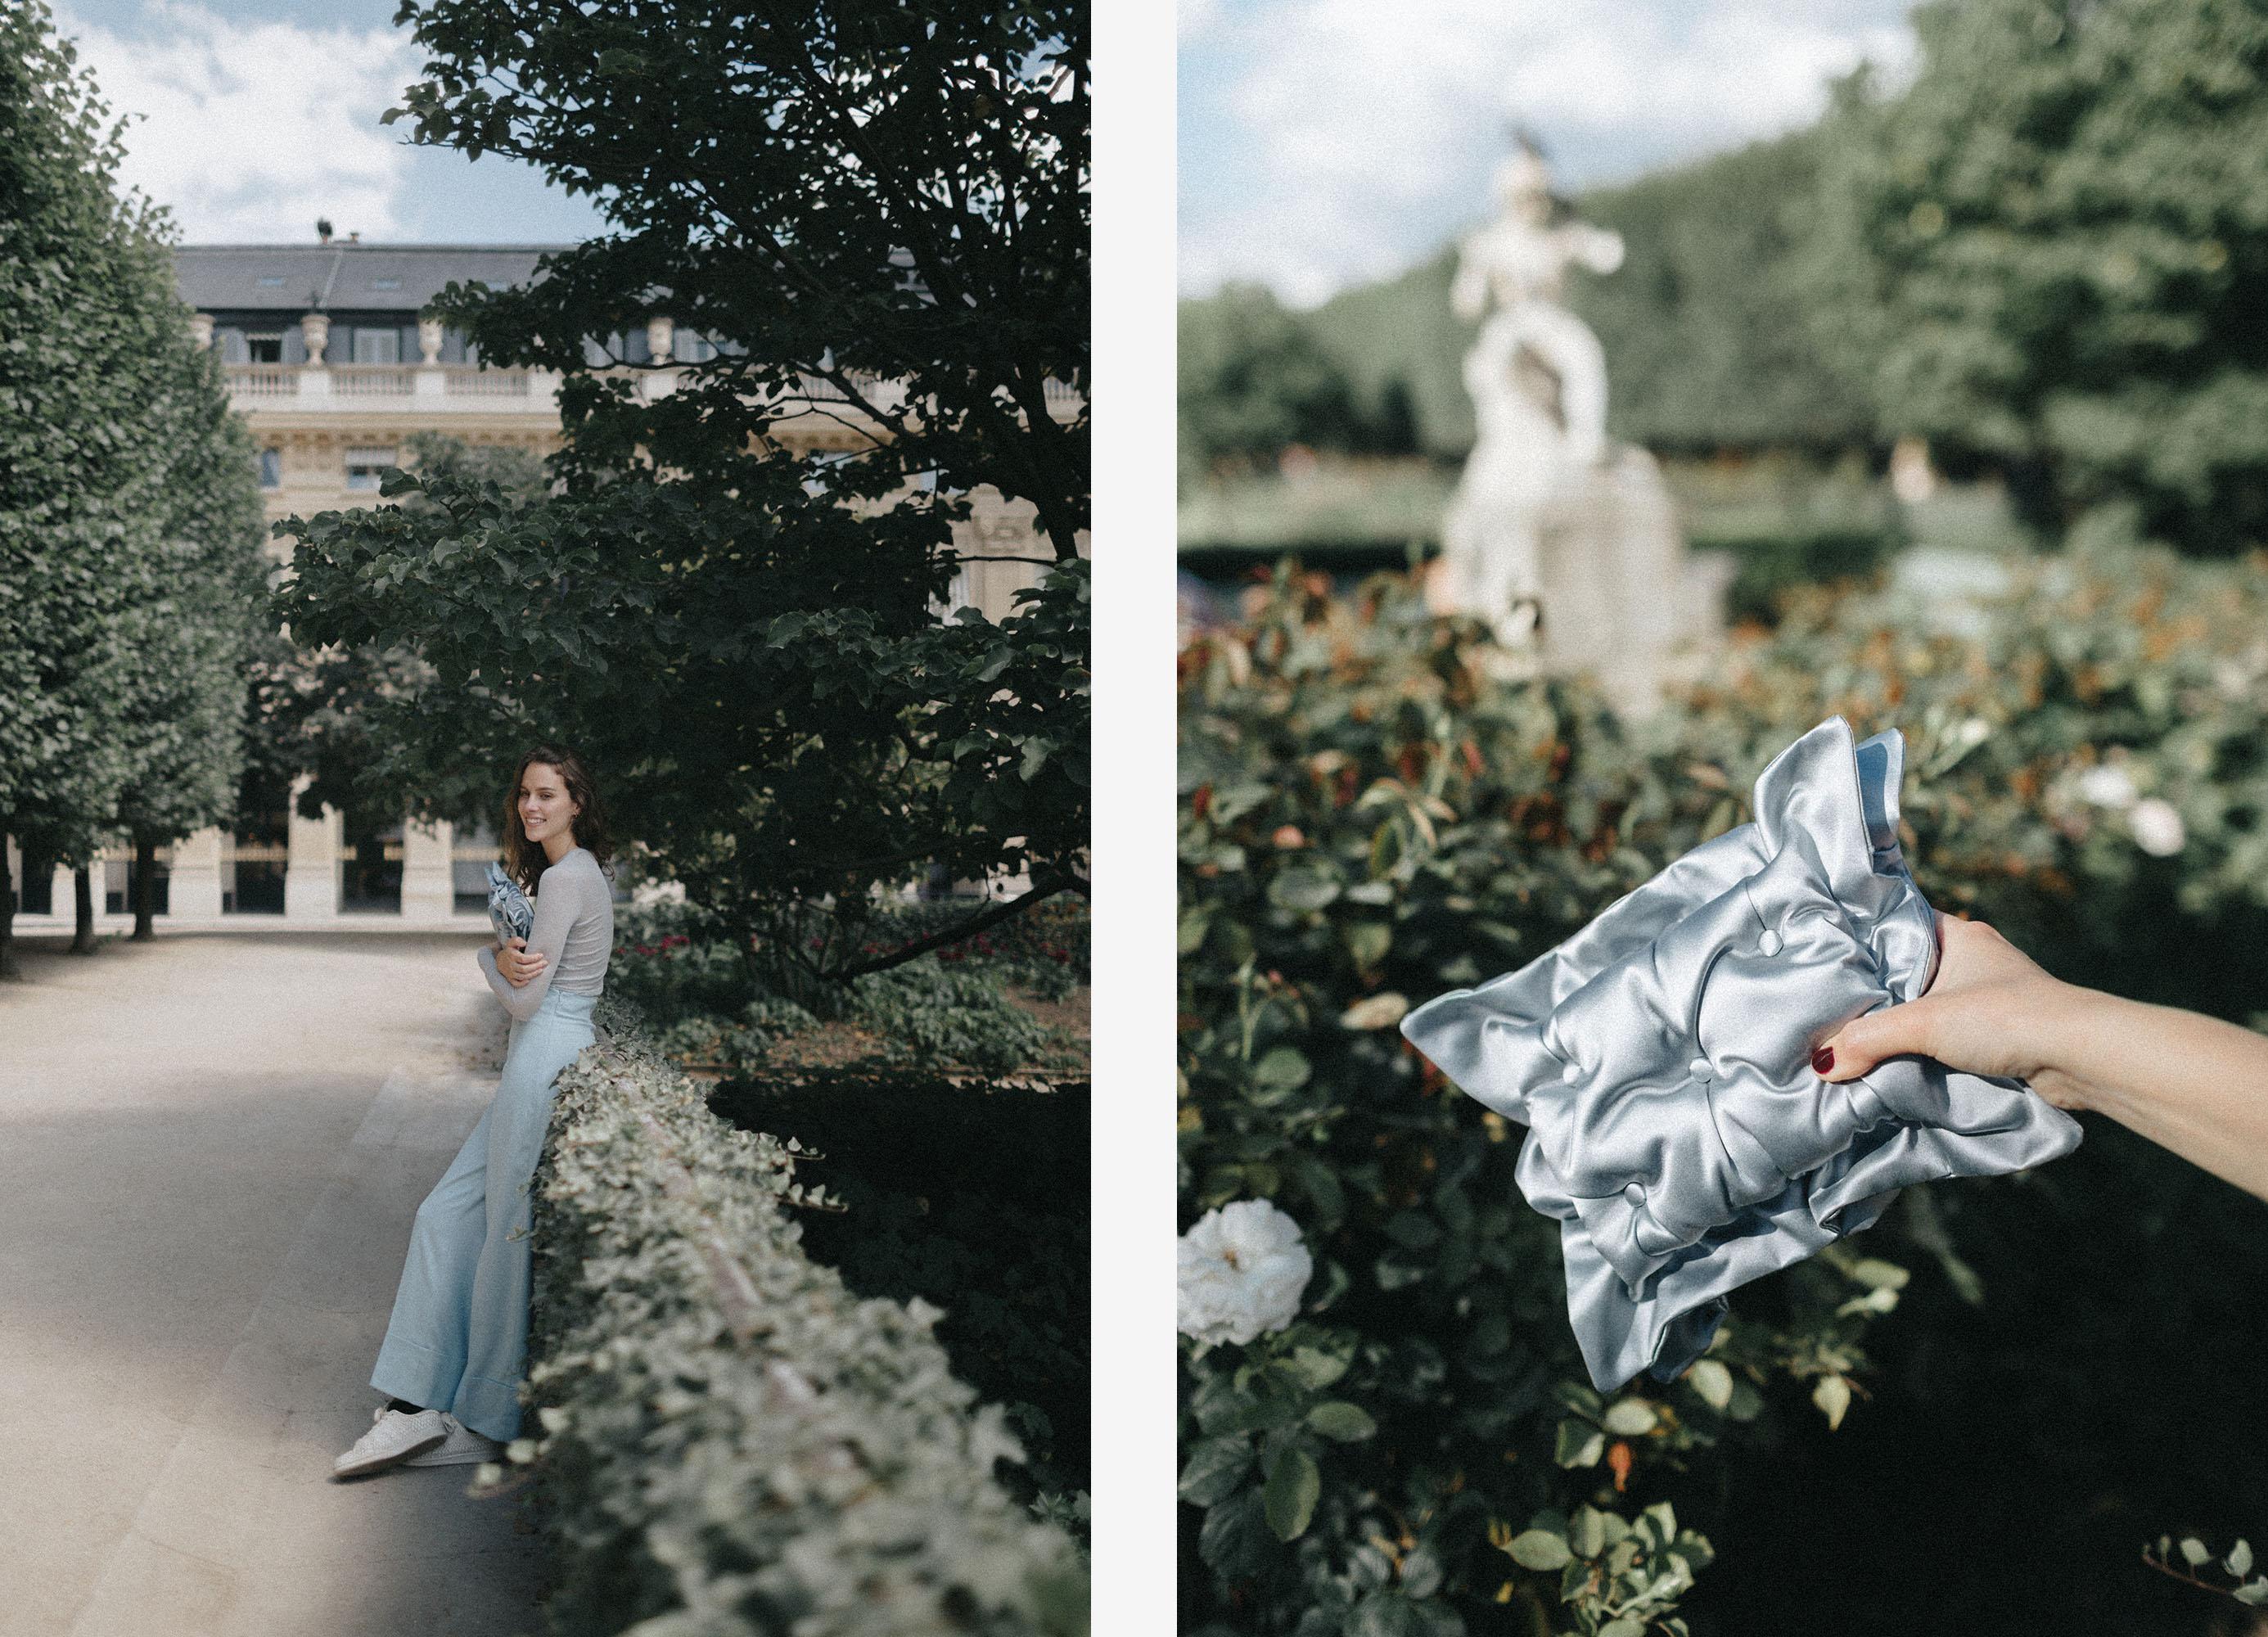 Model in Frech garden with Laimushka light blue silk clutch bag in Paris. Laimushka light blue silk pillow bag in French garden in Paris